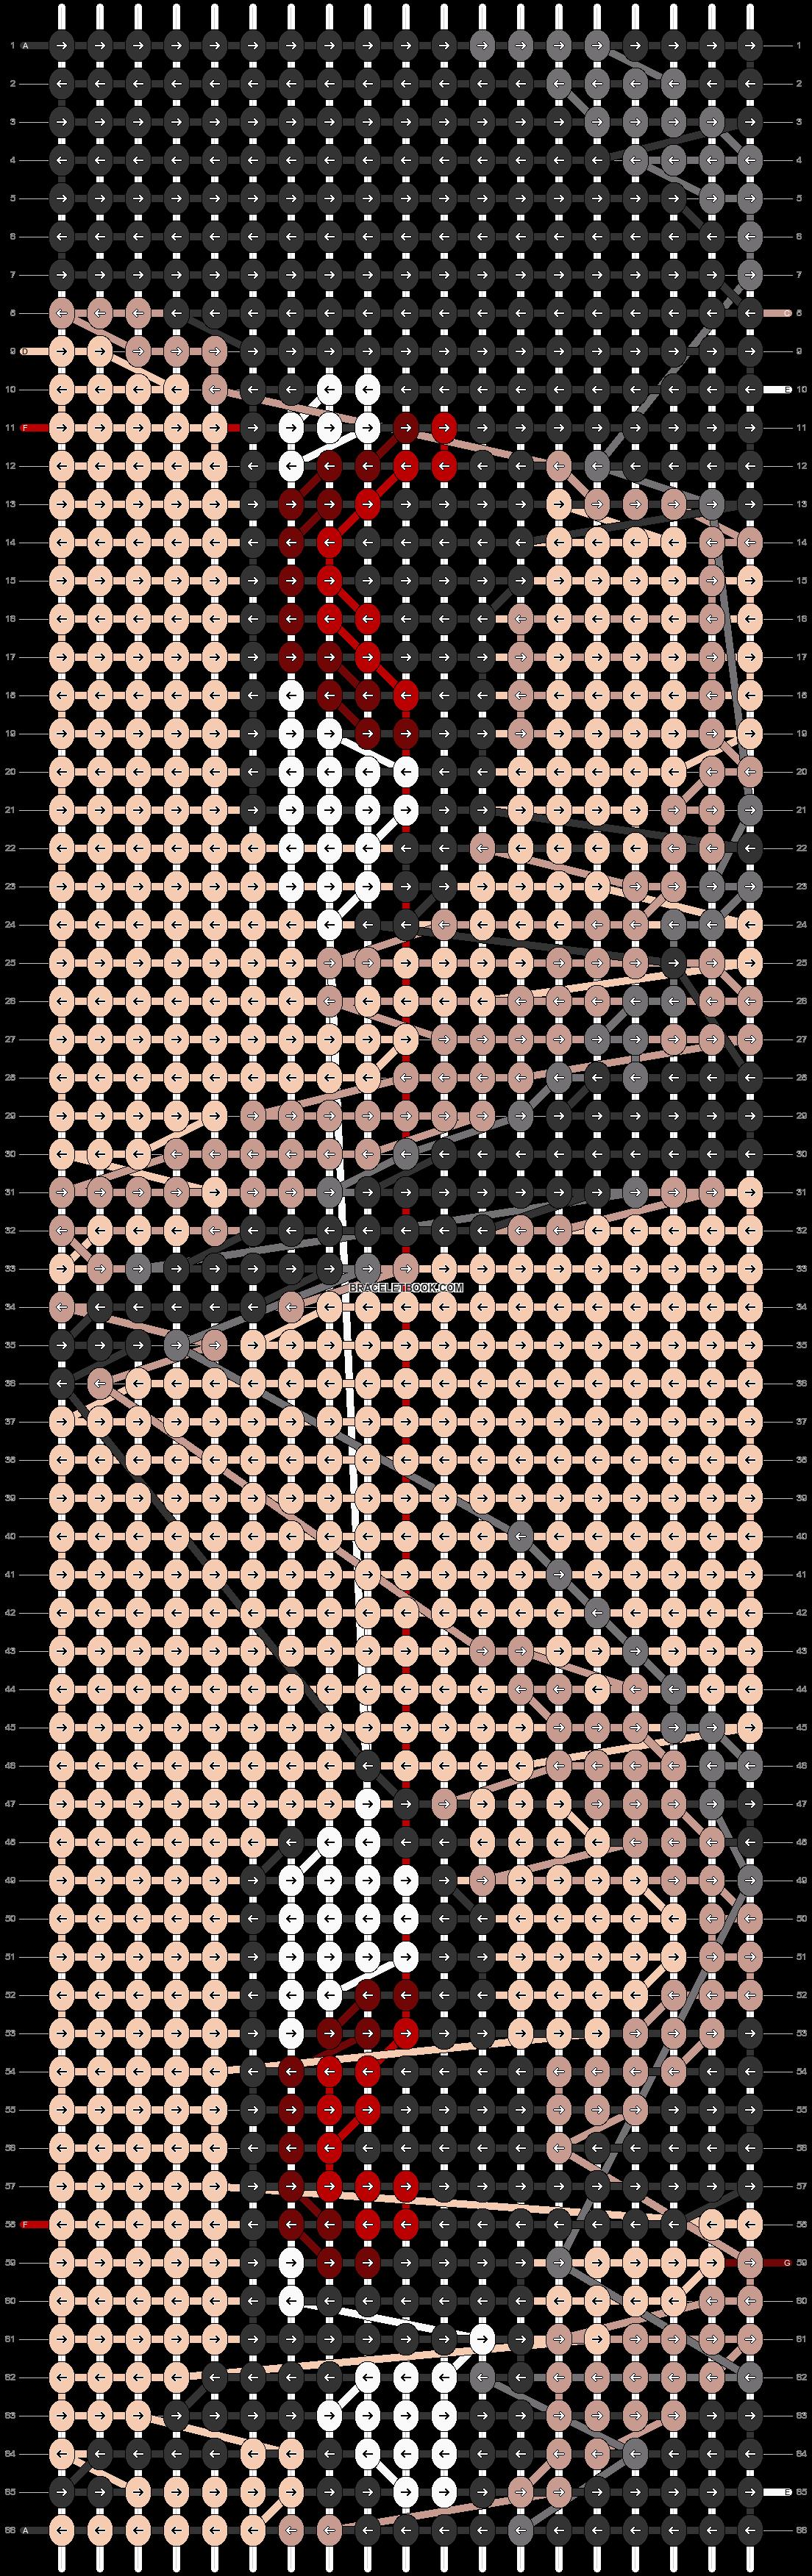 Alpha Pattern #22504 added by MVannikova